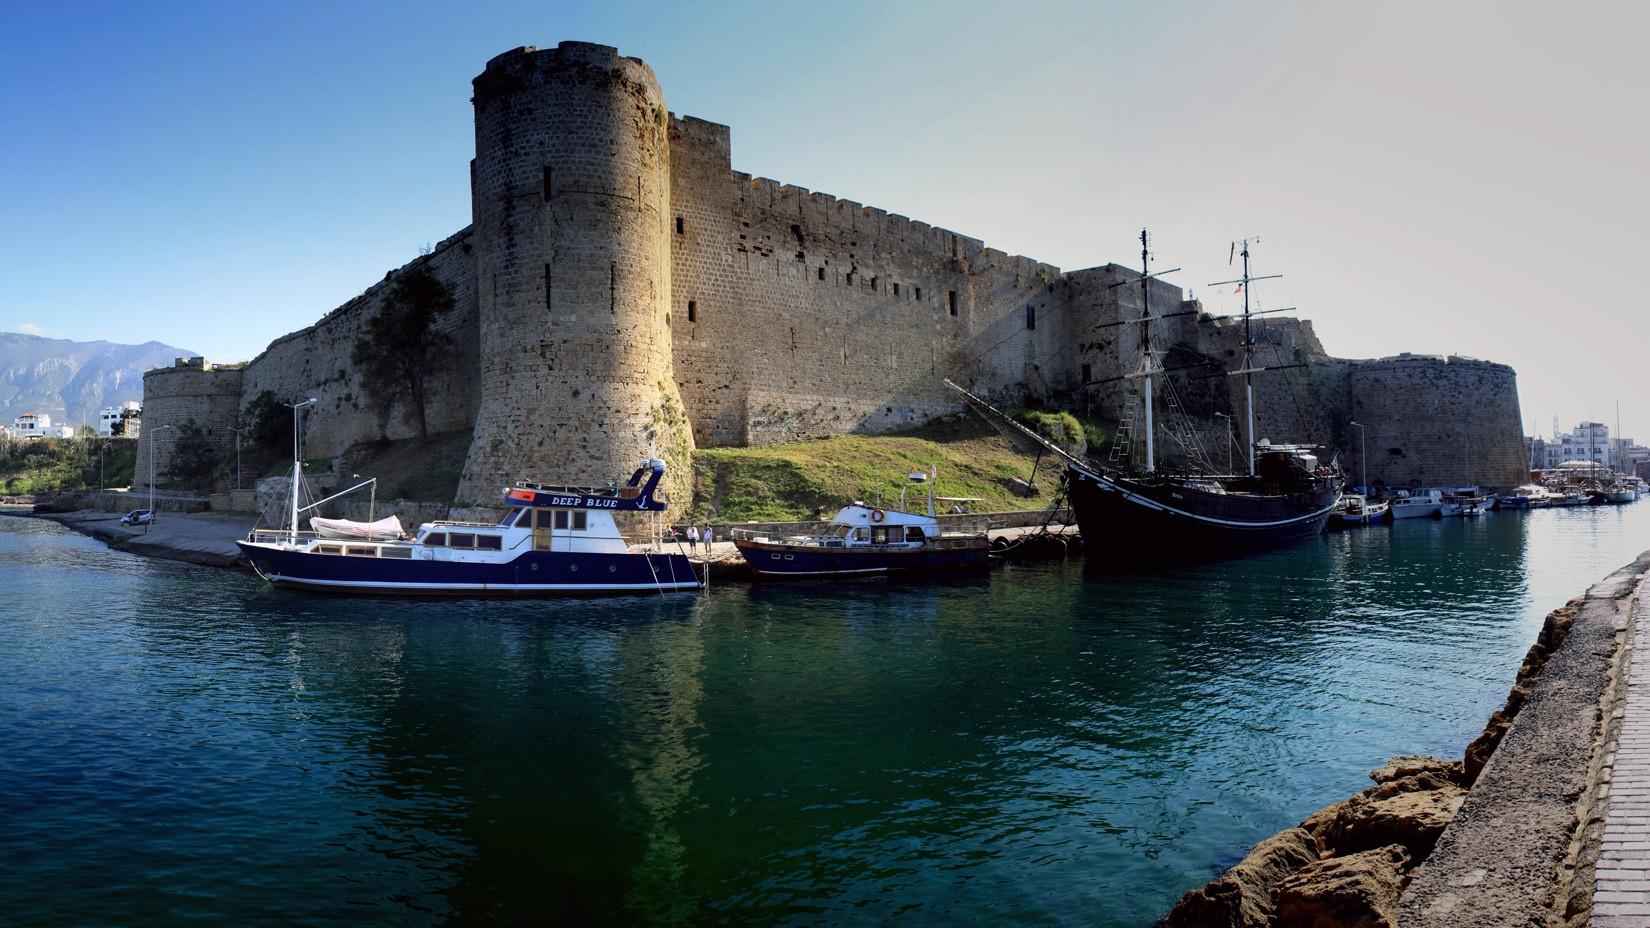 Kyrenia Castle 171 North Cyprus Tourism Centre